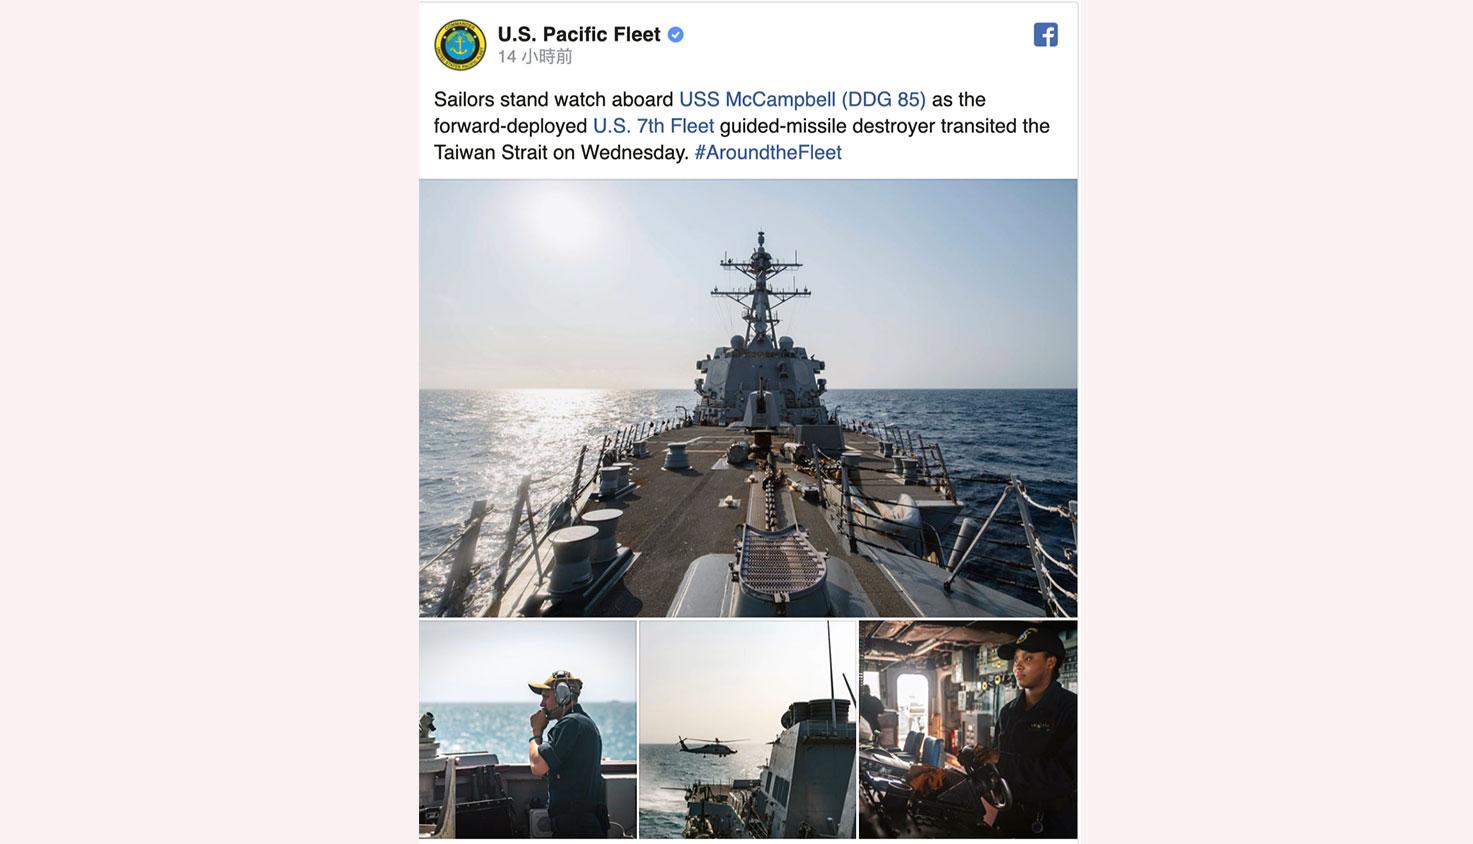 国防部14日表示美军一艘作战舰上午航经台湾海峡。美军太平洋舰队脸书披露,为麦克坎贝尔号驱逐舰。(图取自facebook.com/USPacificFleet)